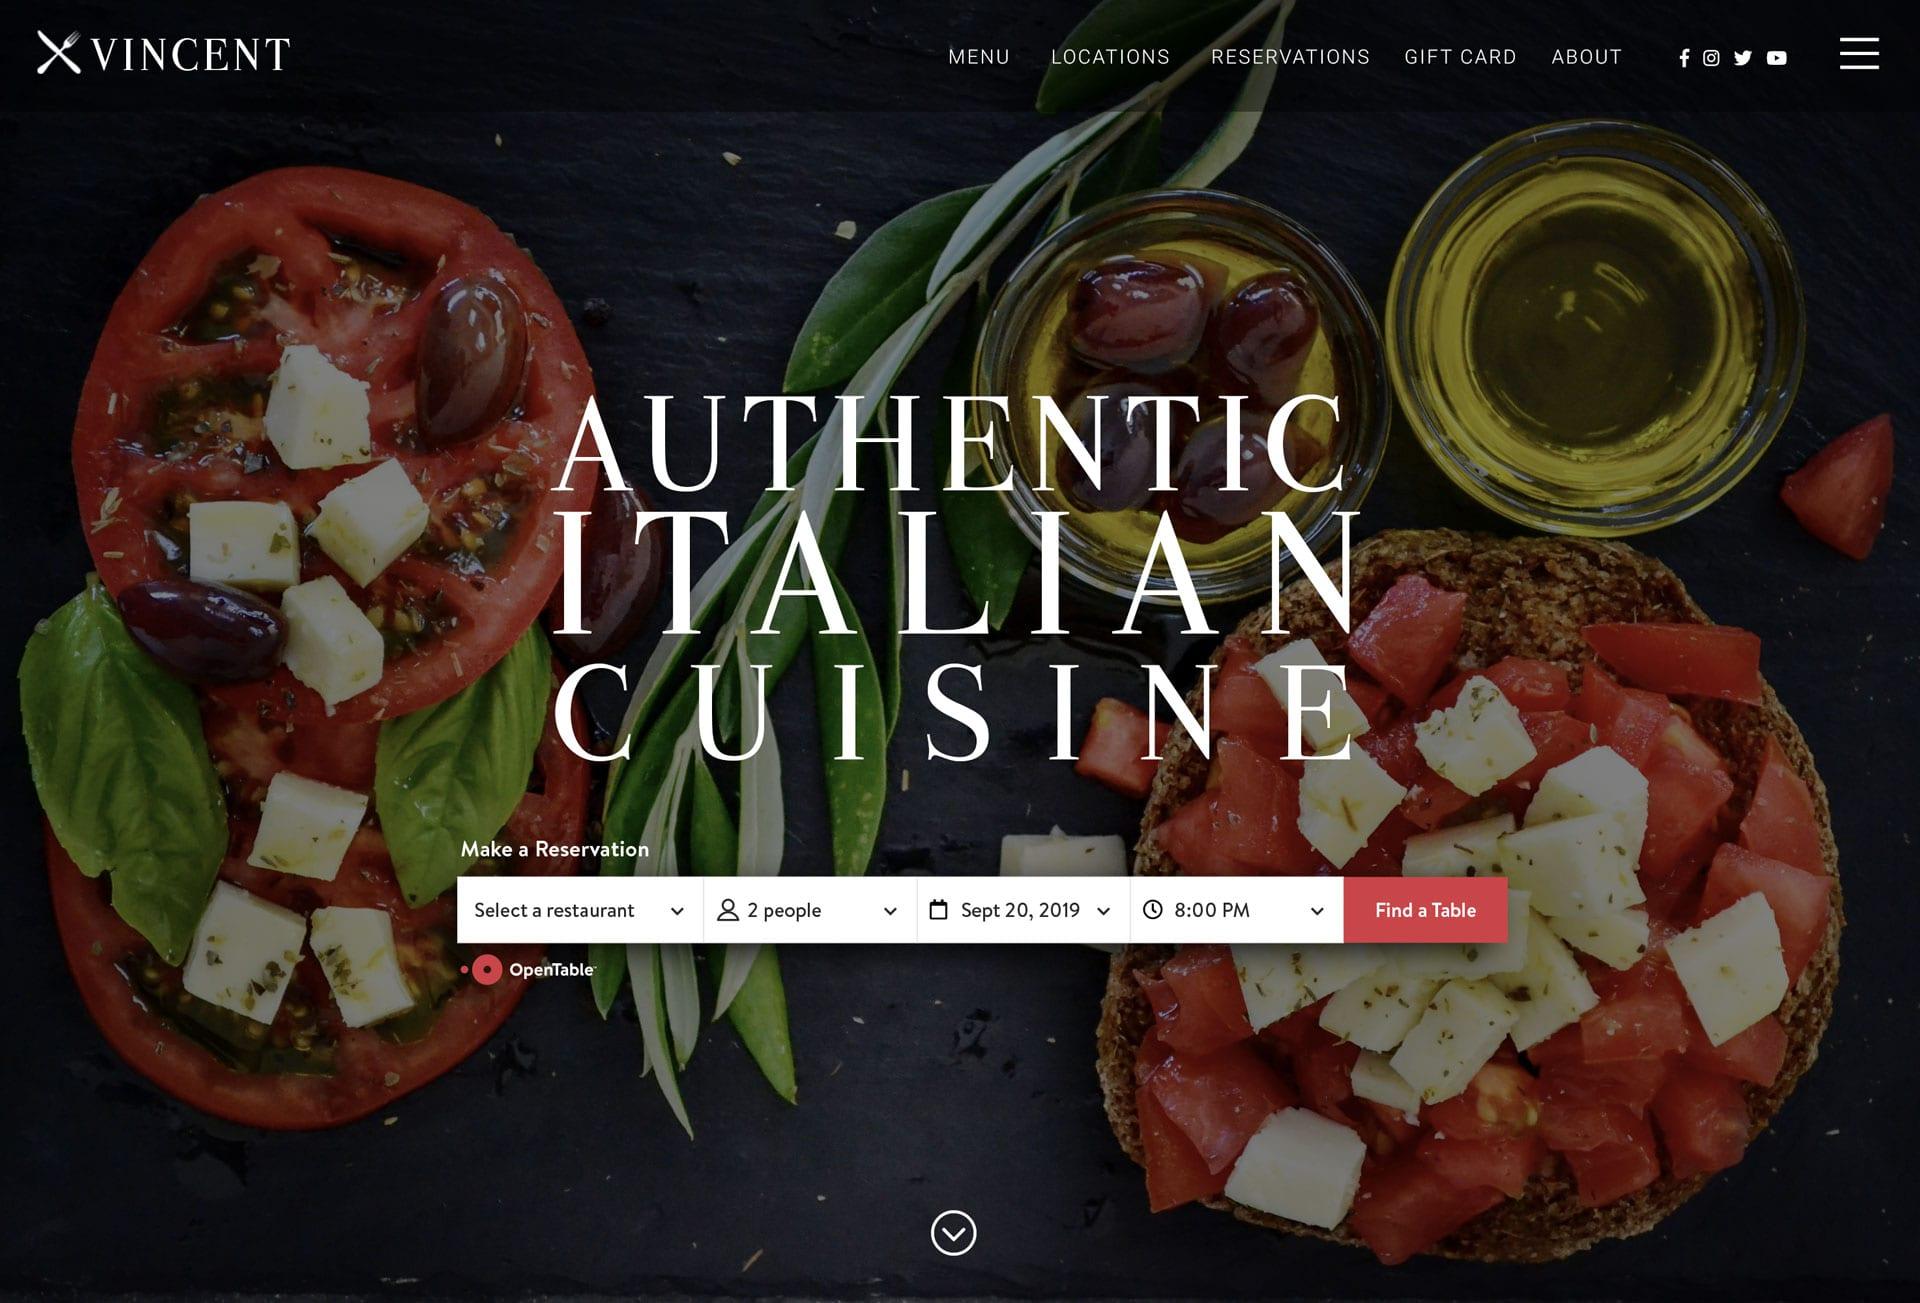 Acepte reservas con la integración de Open Table - bizProWeb - Diseñador de sitios web de restaurantes